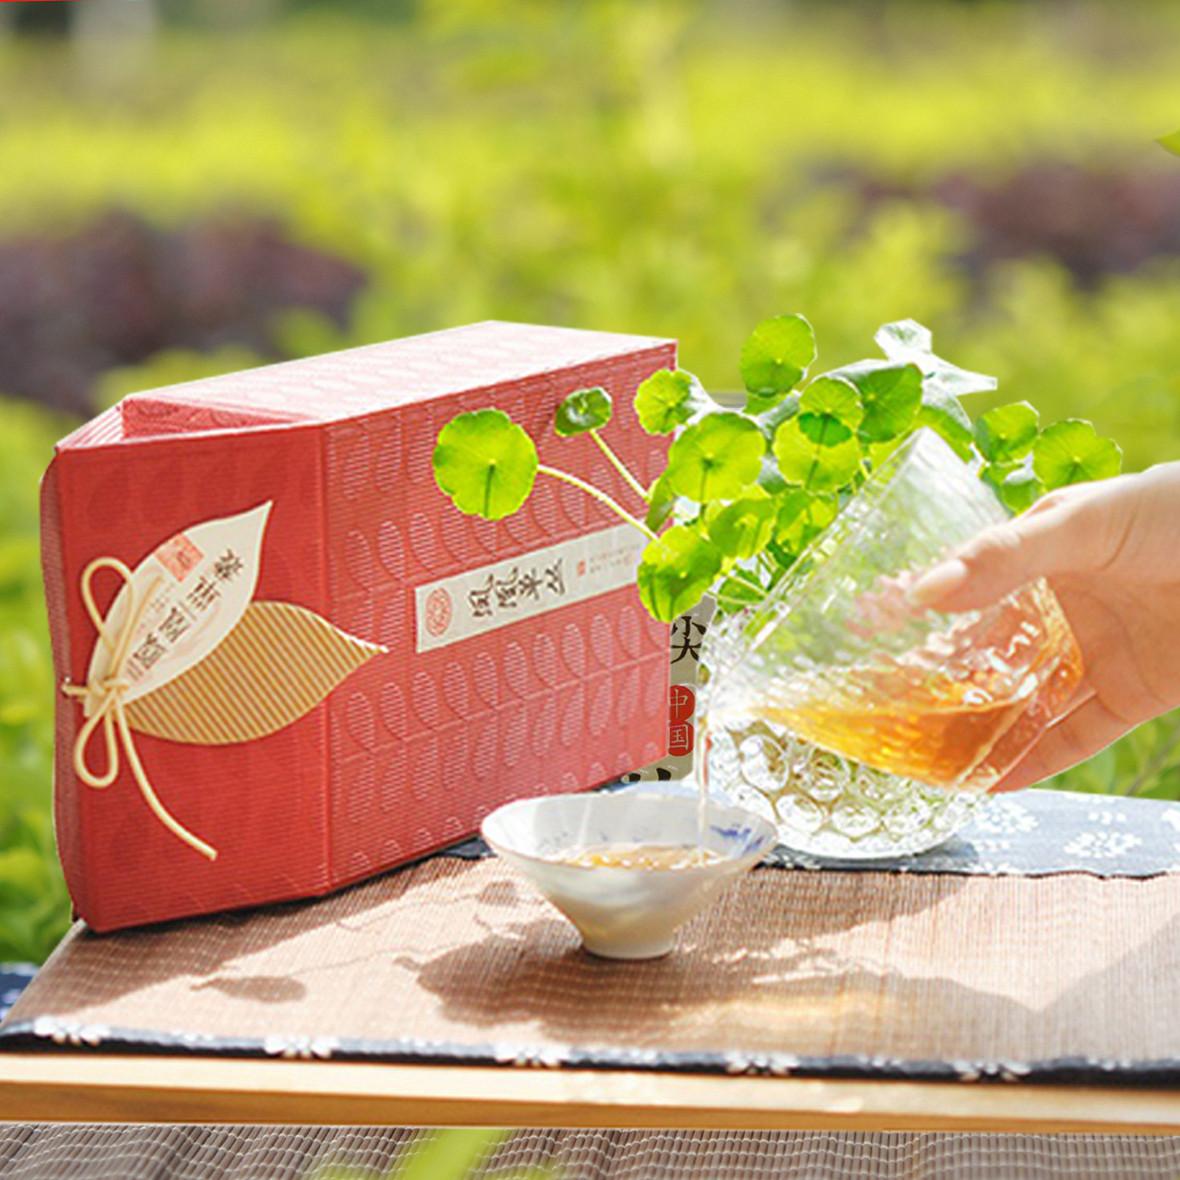 潮州特产春单枞茶蜜兰香凤凰单丛茶单丛凤凰单枞乌龙茶浓香型250g